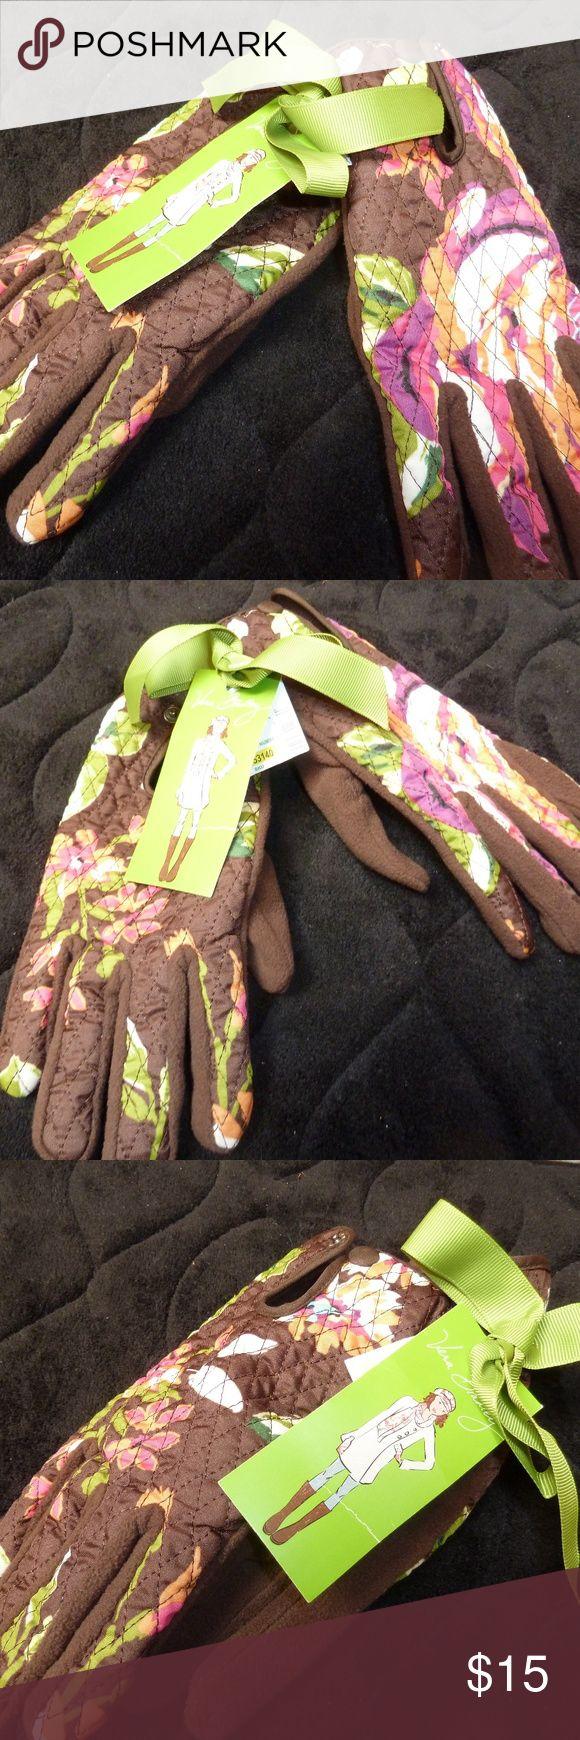 Vera  Bradley  warm floral gloves nwt Vera Bradley floral warm gloves nwt Vera Bradley Accessories Gloves & Mittens